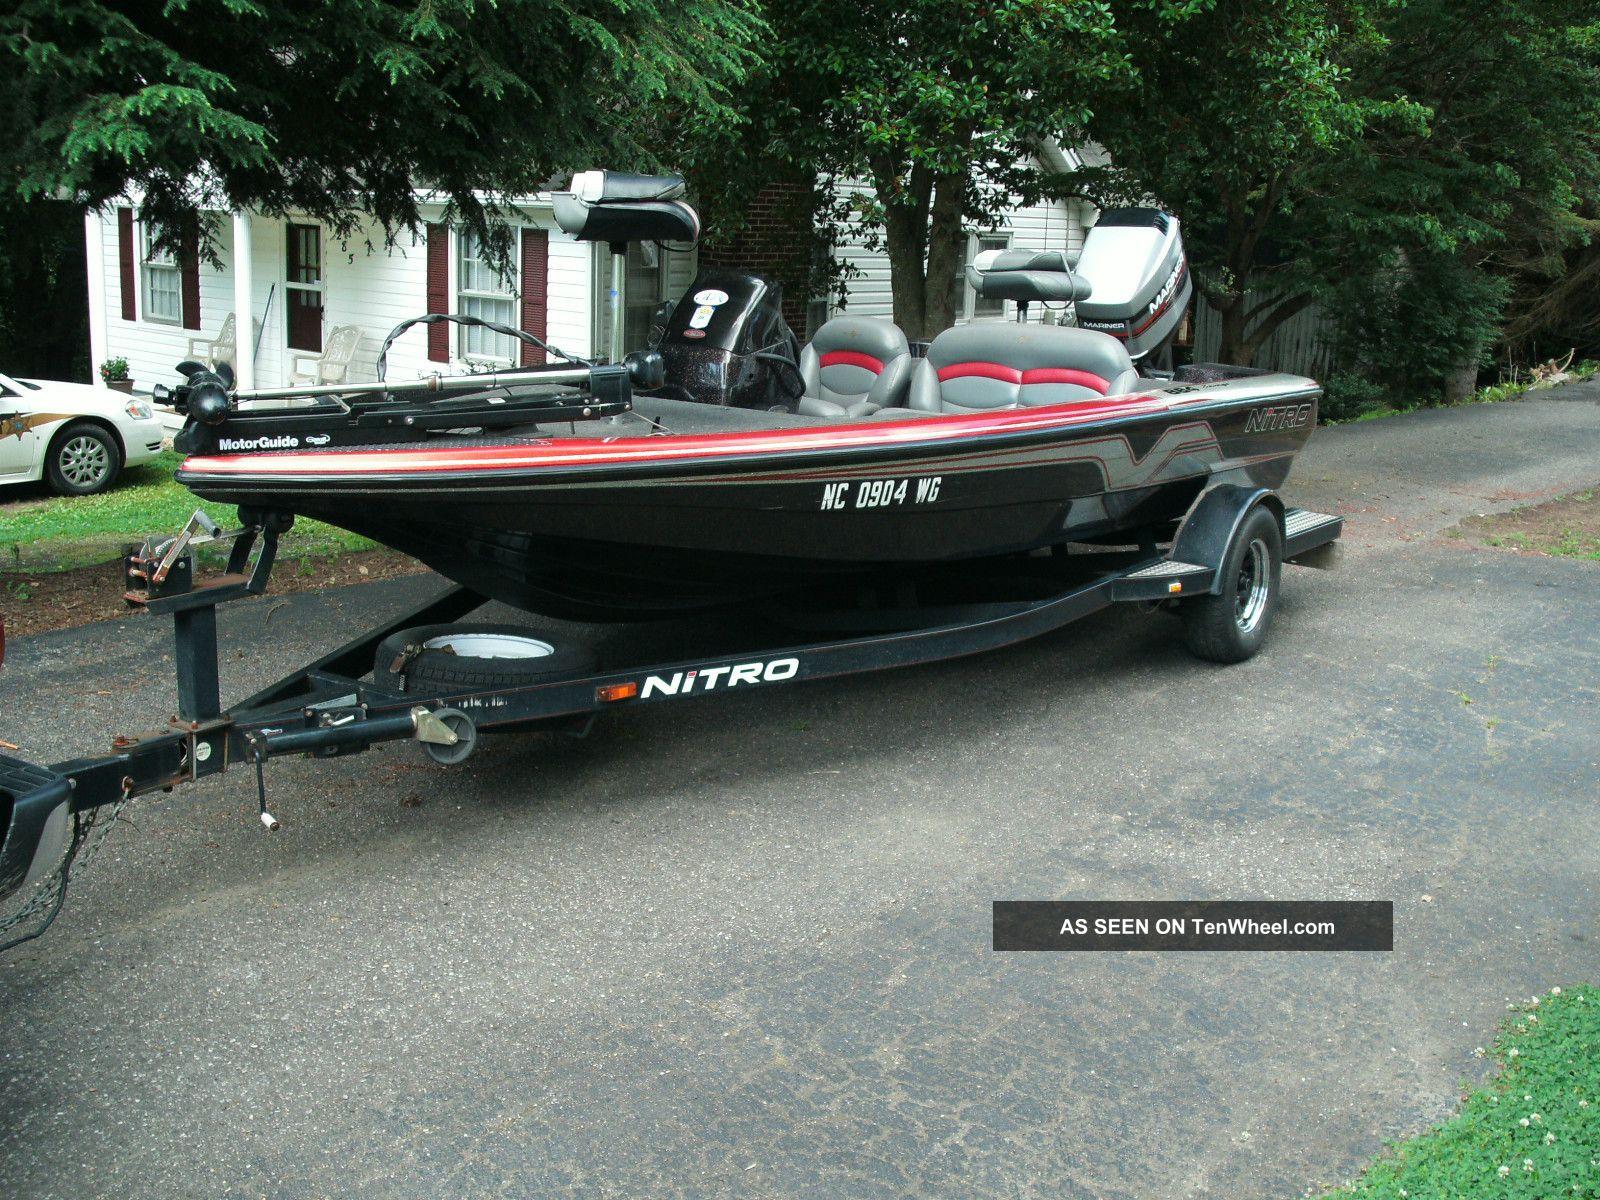 1997 Nitro 884 Savage Bass Fishing Boats photo